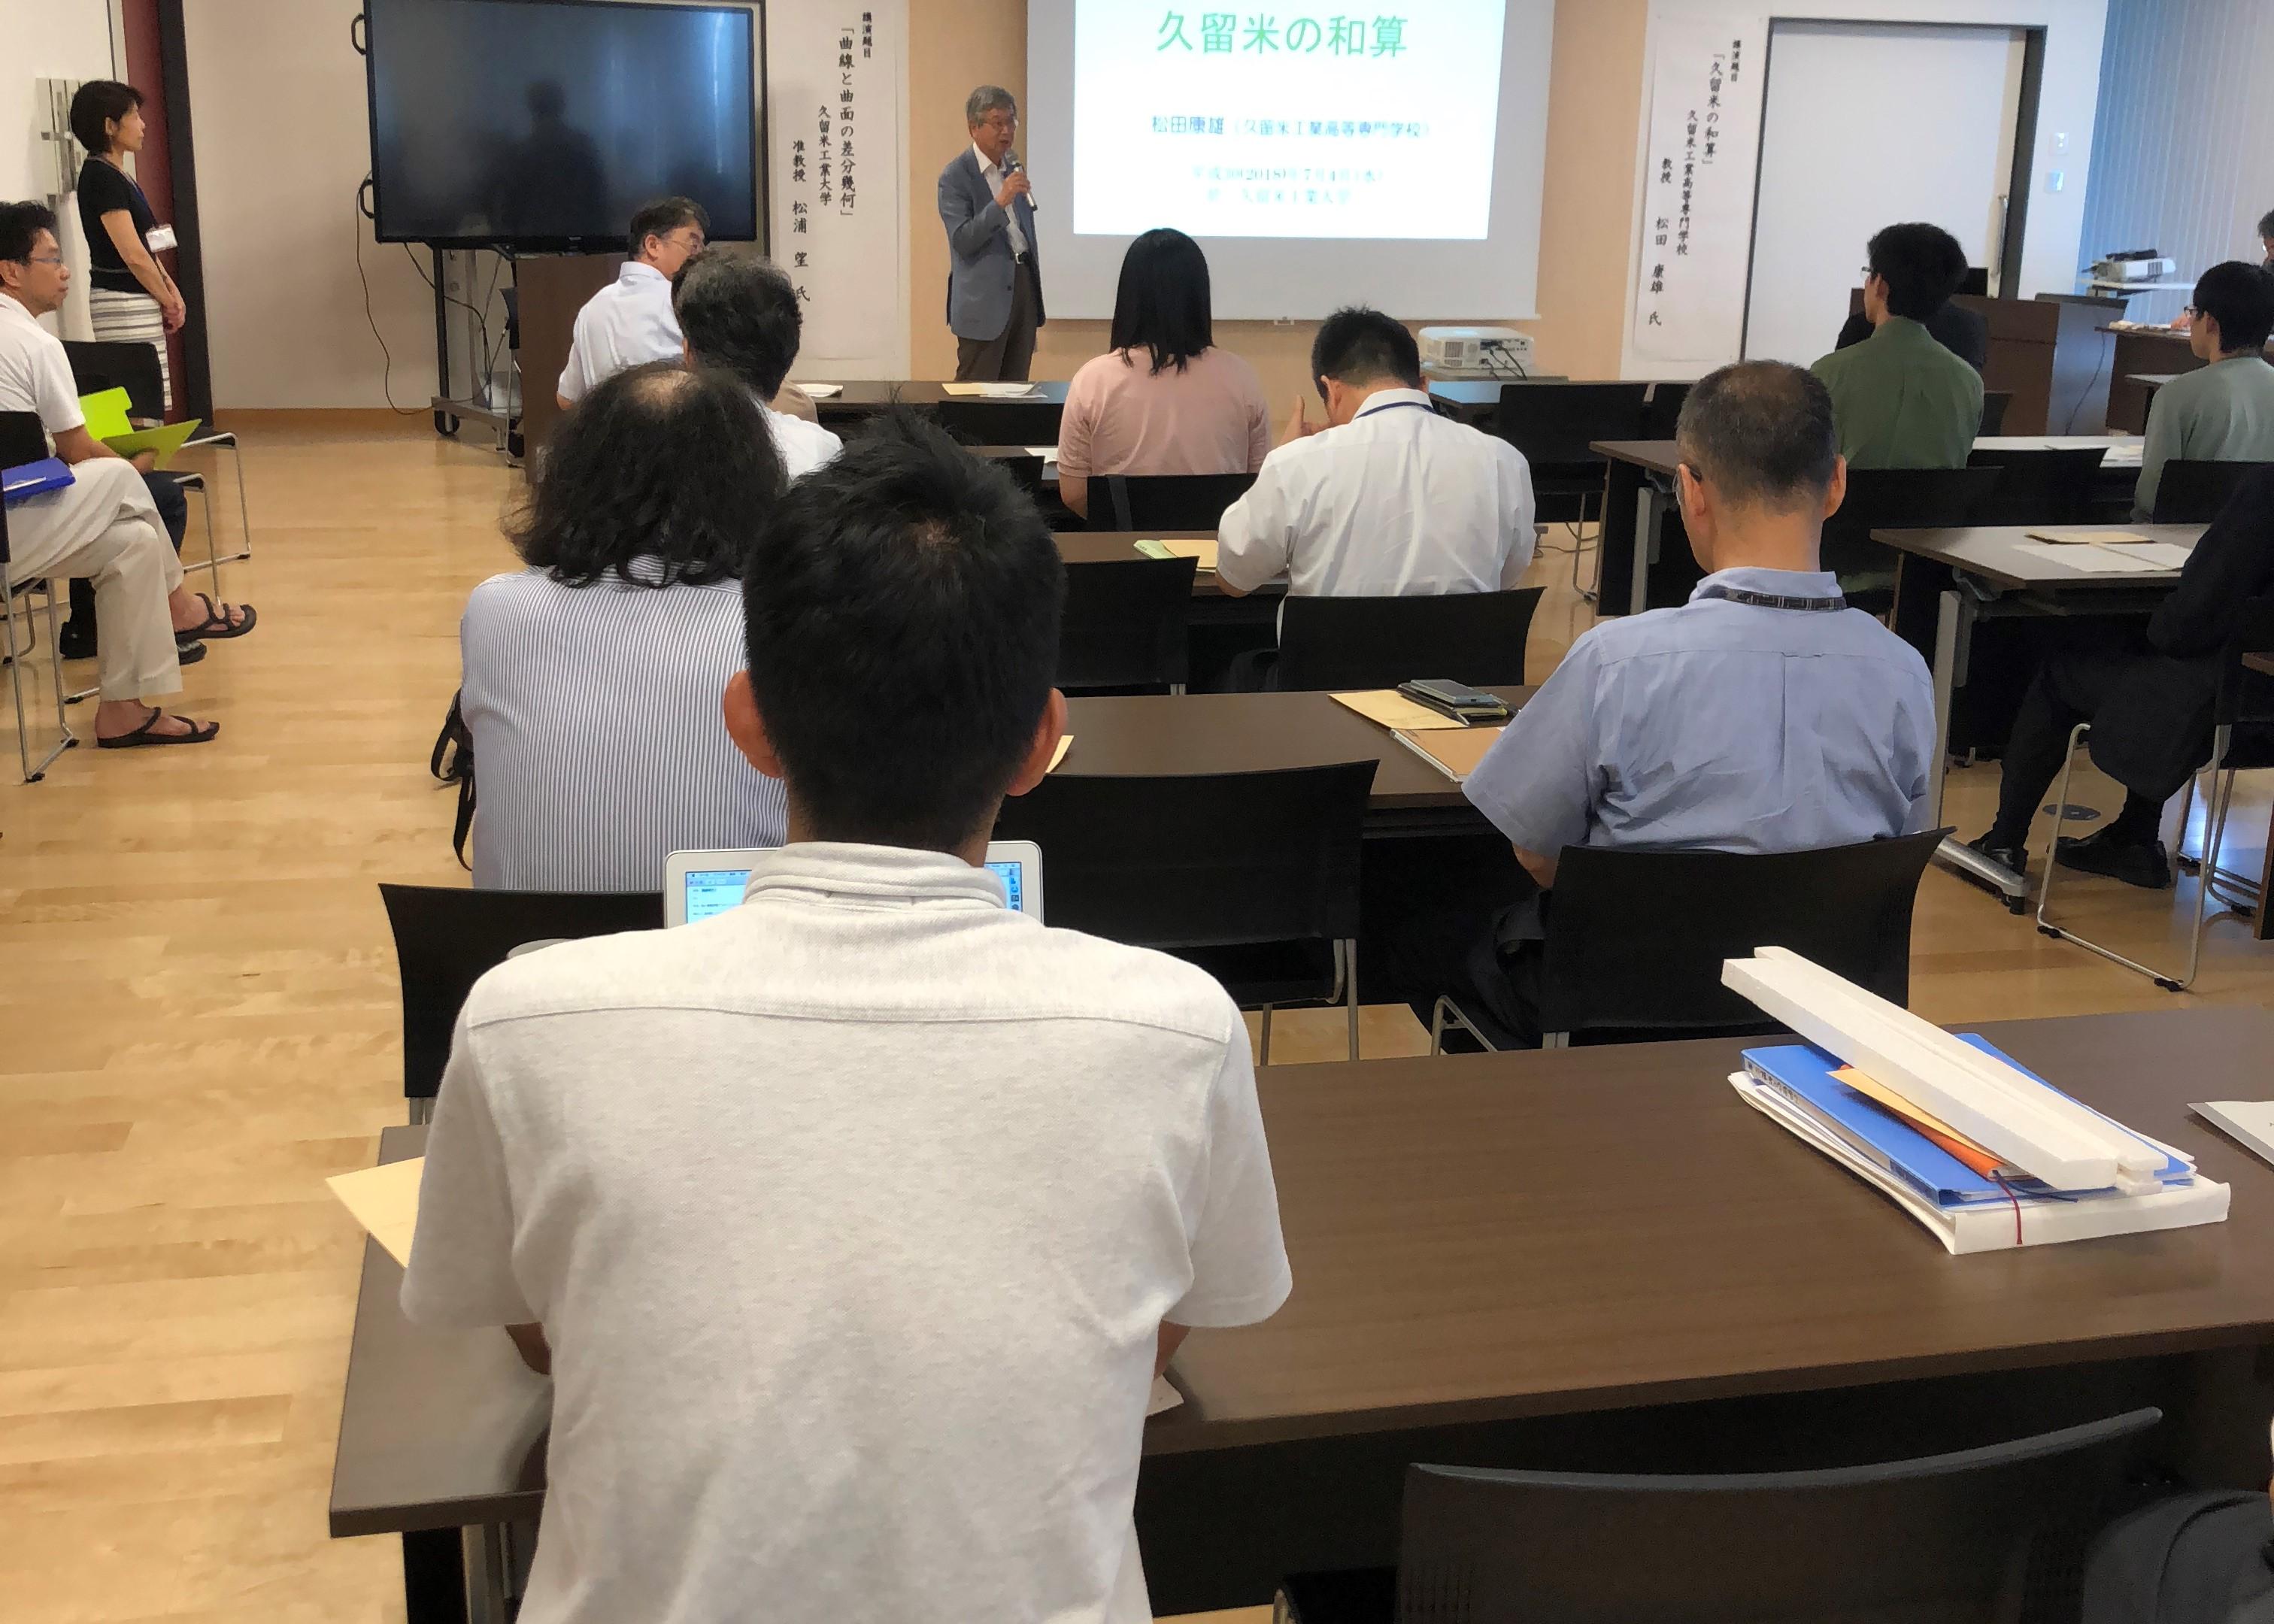 http://www.kurume-it.ac.jp/news/IMG_1220.JPG